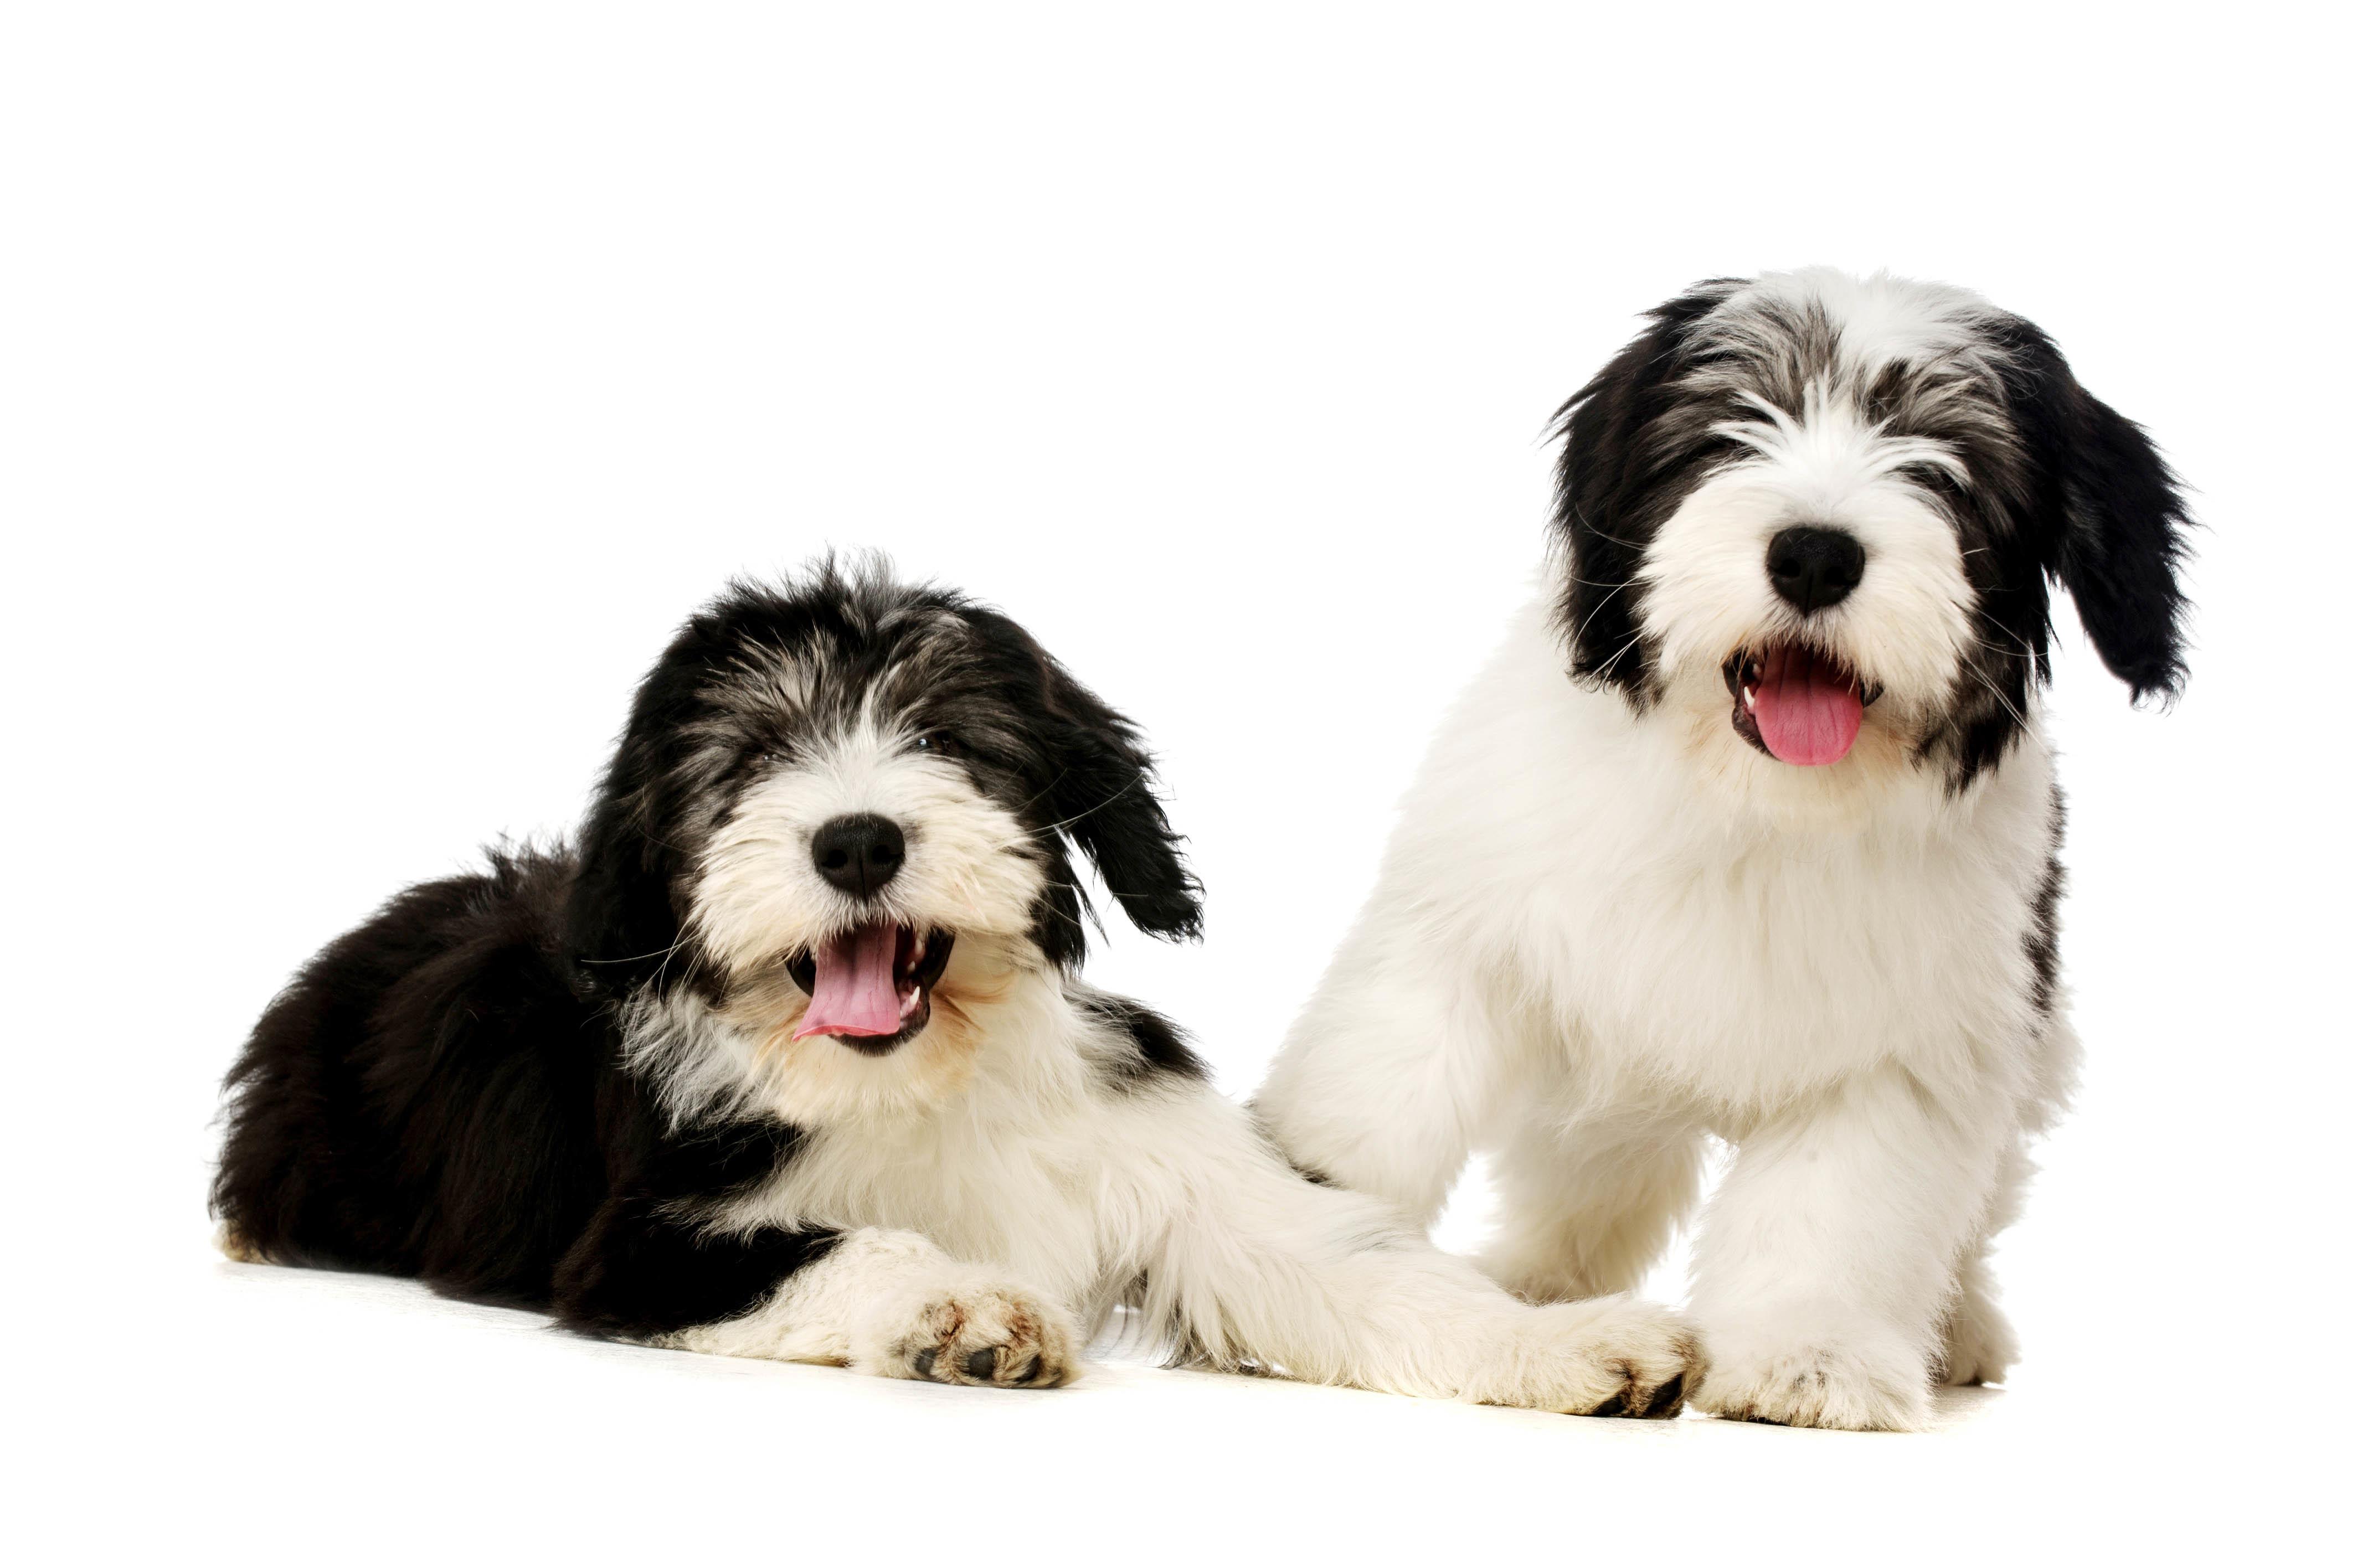 これを見ればポリッシュローランドシープドッグの全部が分かる!可愛い家族を大切にする飼い主のための豆知識。